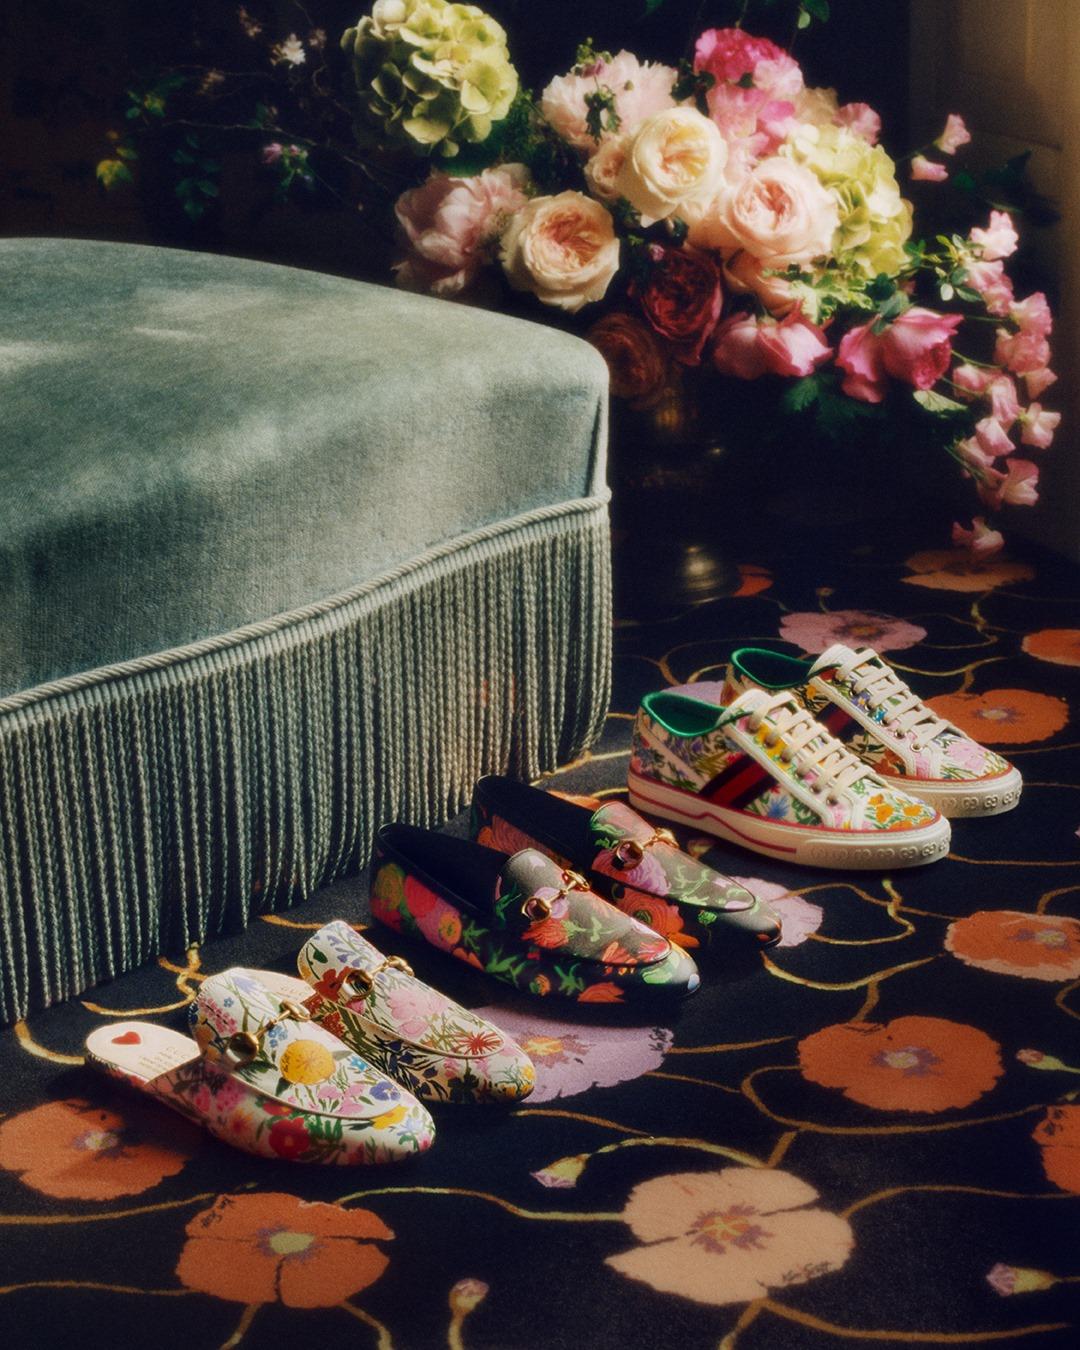 Ken Scott è il designer americano che ha vissuto a Milano durante gli anni 60 e 70.Grande creatore di tessuti con fantasie floreali oversize